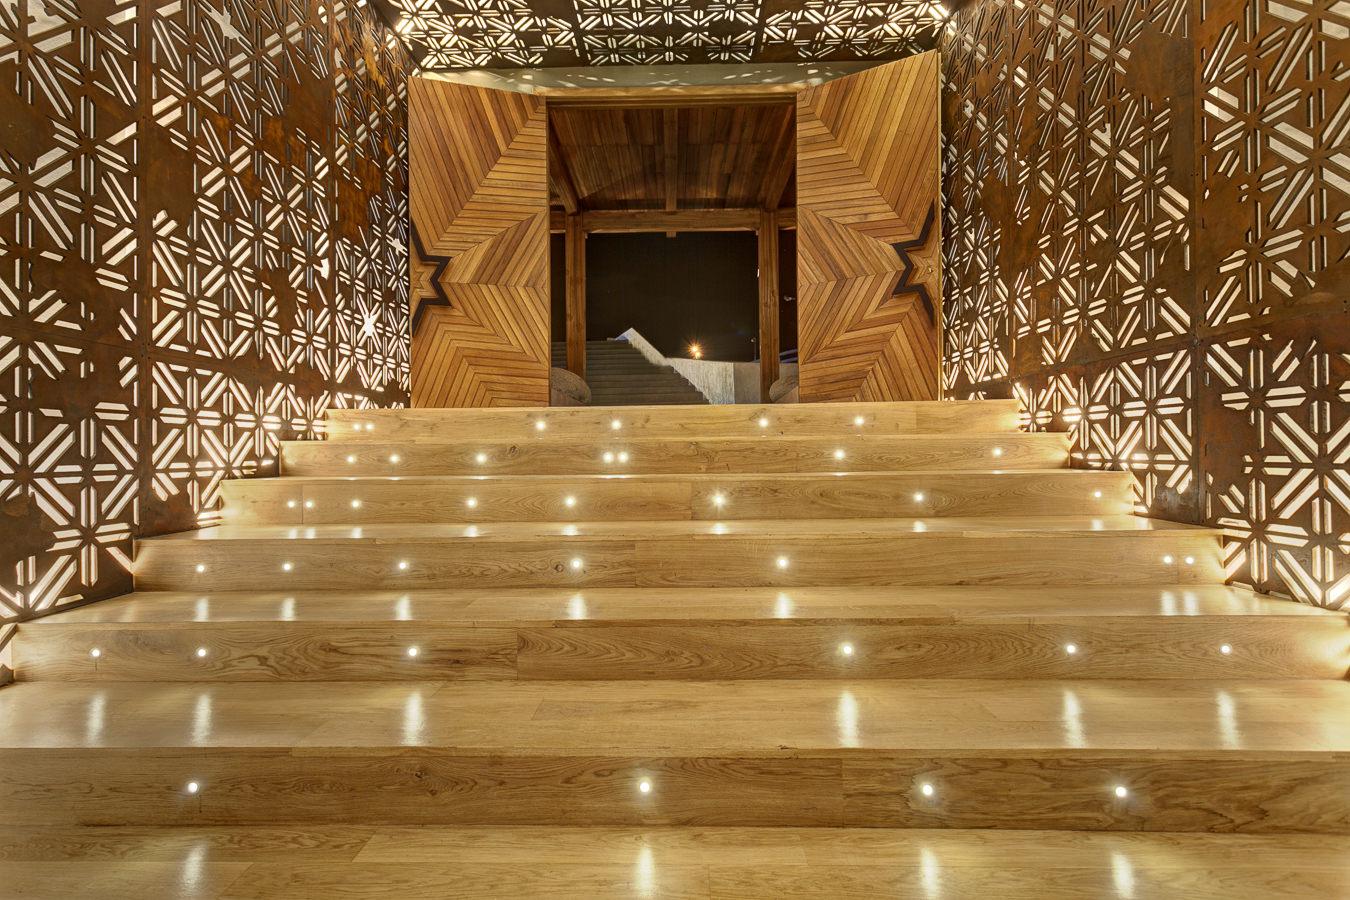 NALU, Γιώργος Φάκαρος - Αρχιτεκτονική Φωτογραφία | Εσωτερικοί Χώροι | Φωτογραφία Ξενοδοχειών - Photography / Φωτογραφία